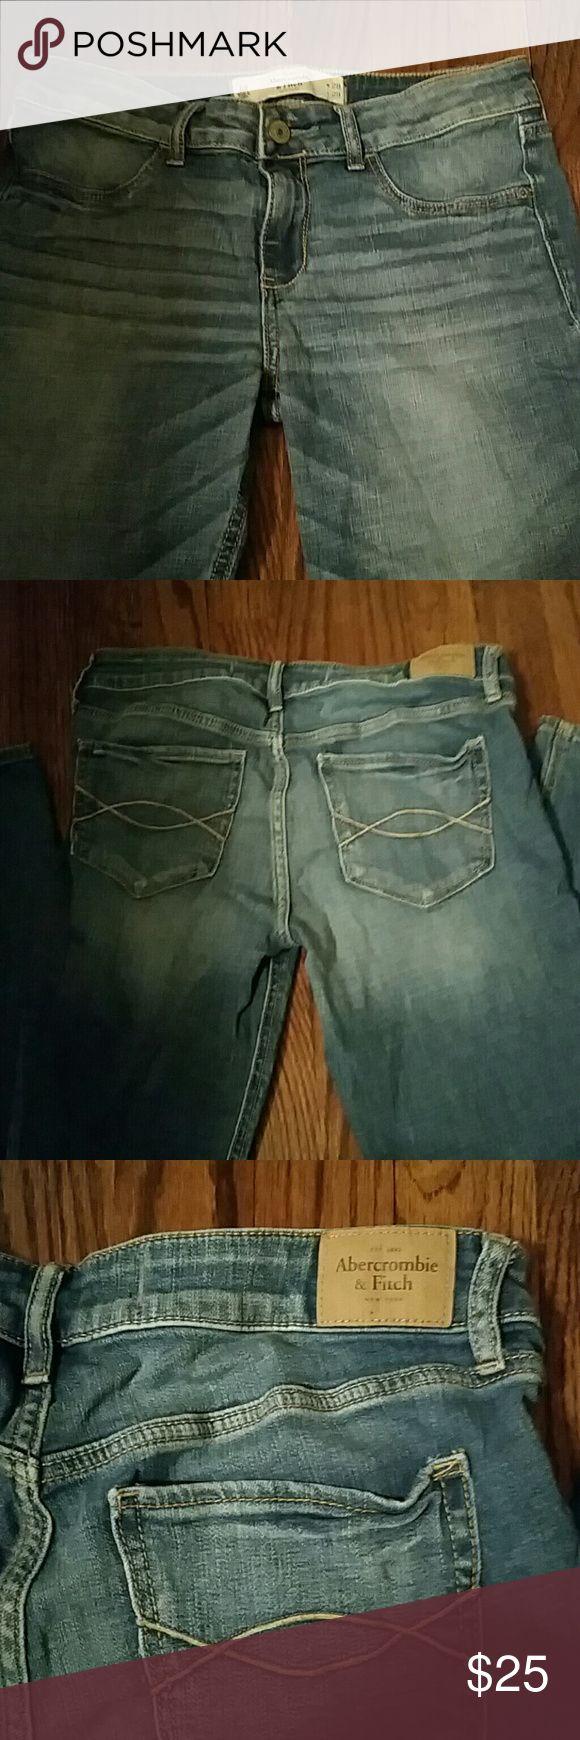 Abercrombie & Fitch Skinny Jeans Sz6 Abercrombie & Fitch Skinny Jeans Sz6 Abercrombie & Fitch Jeans Skinny